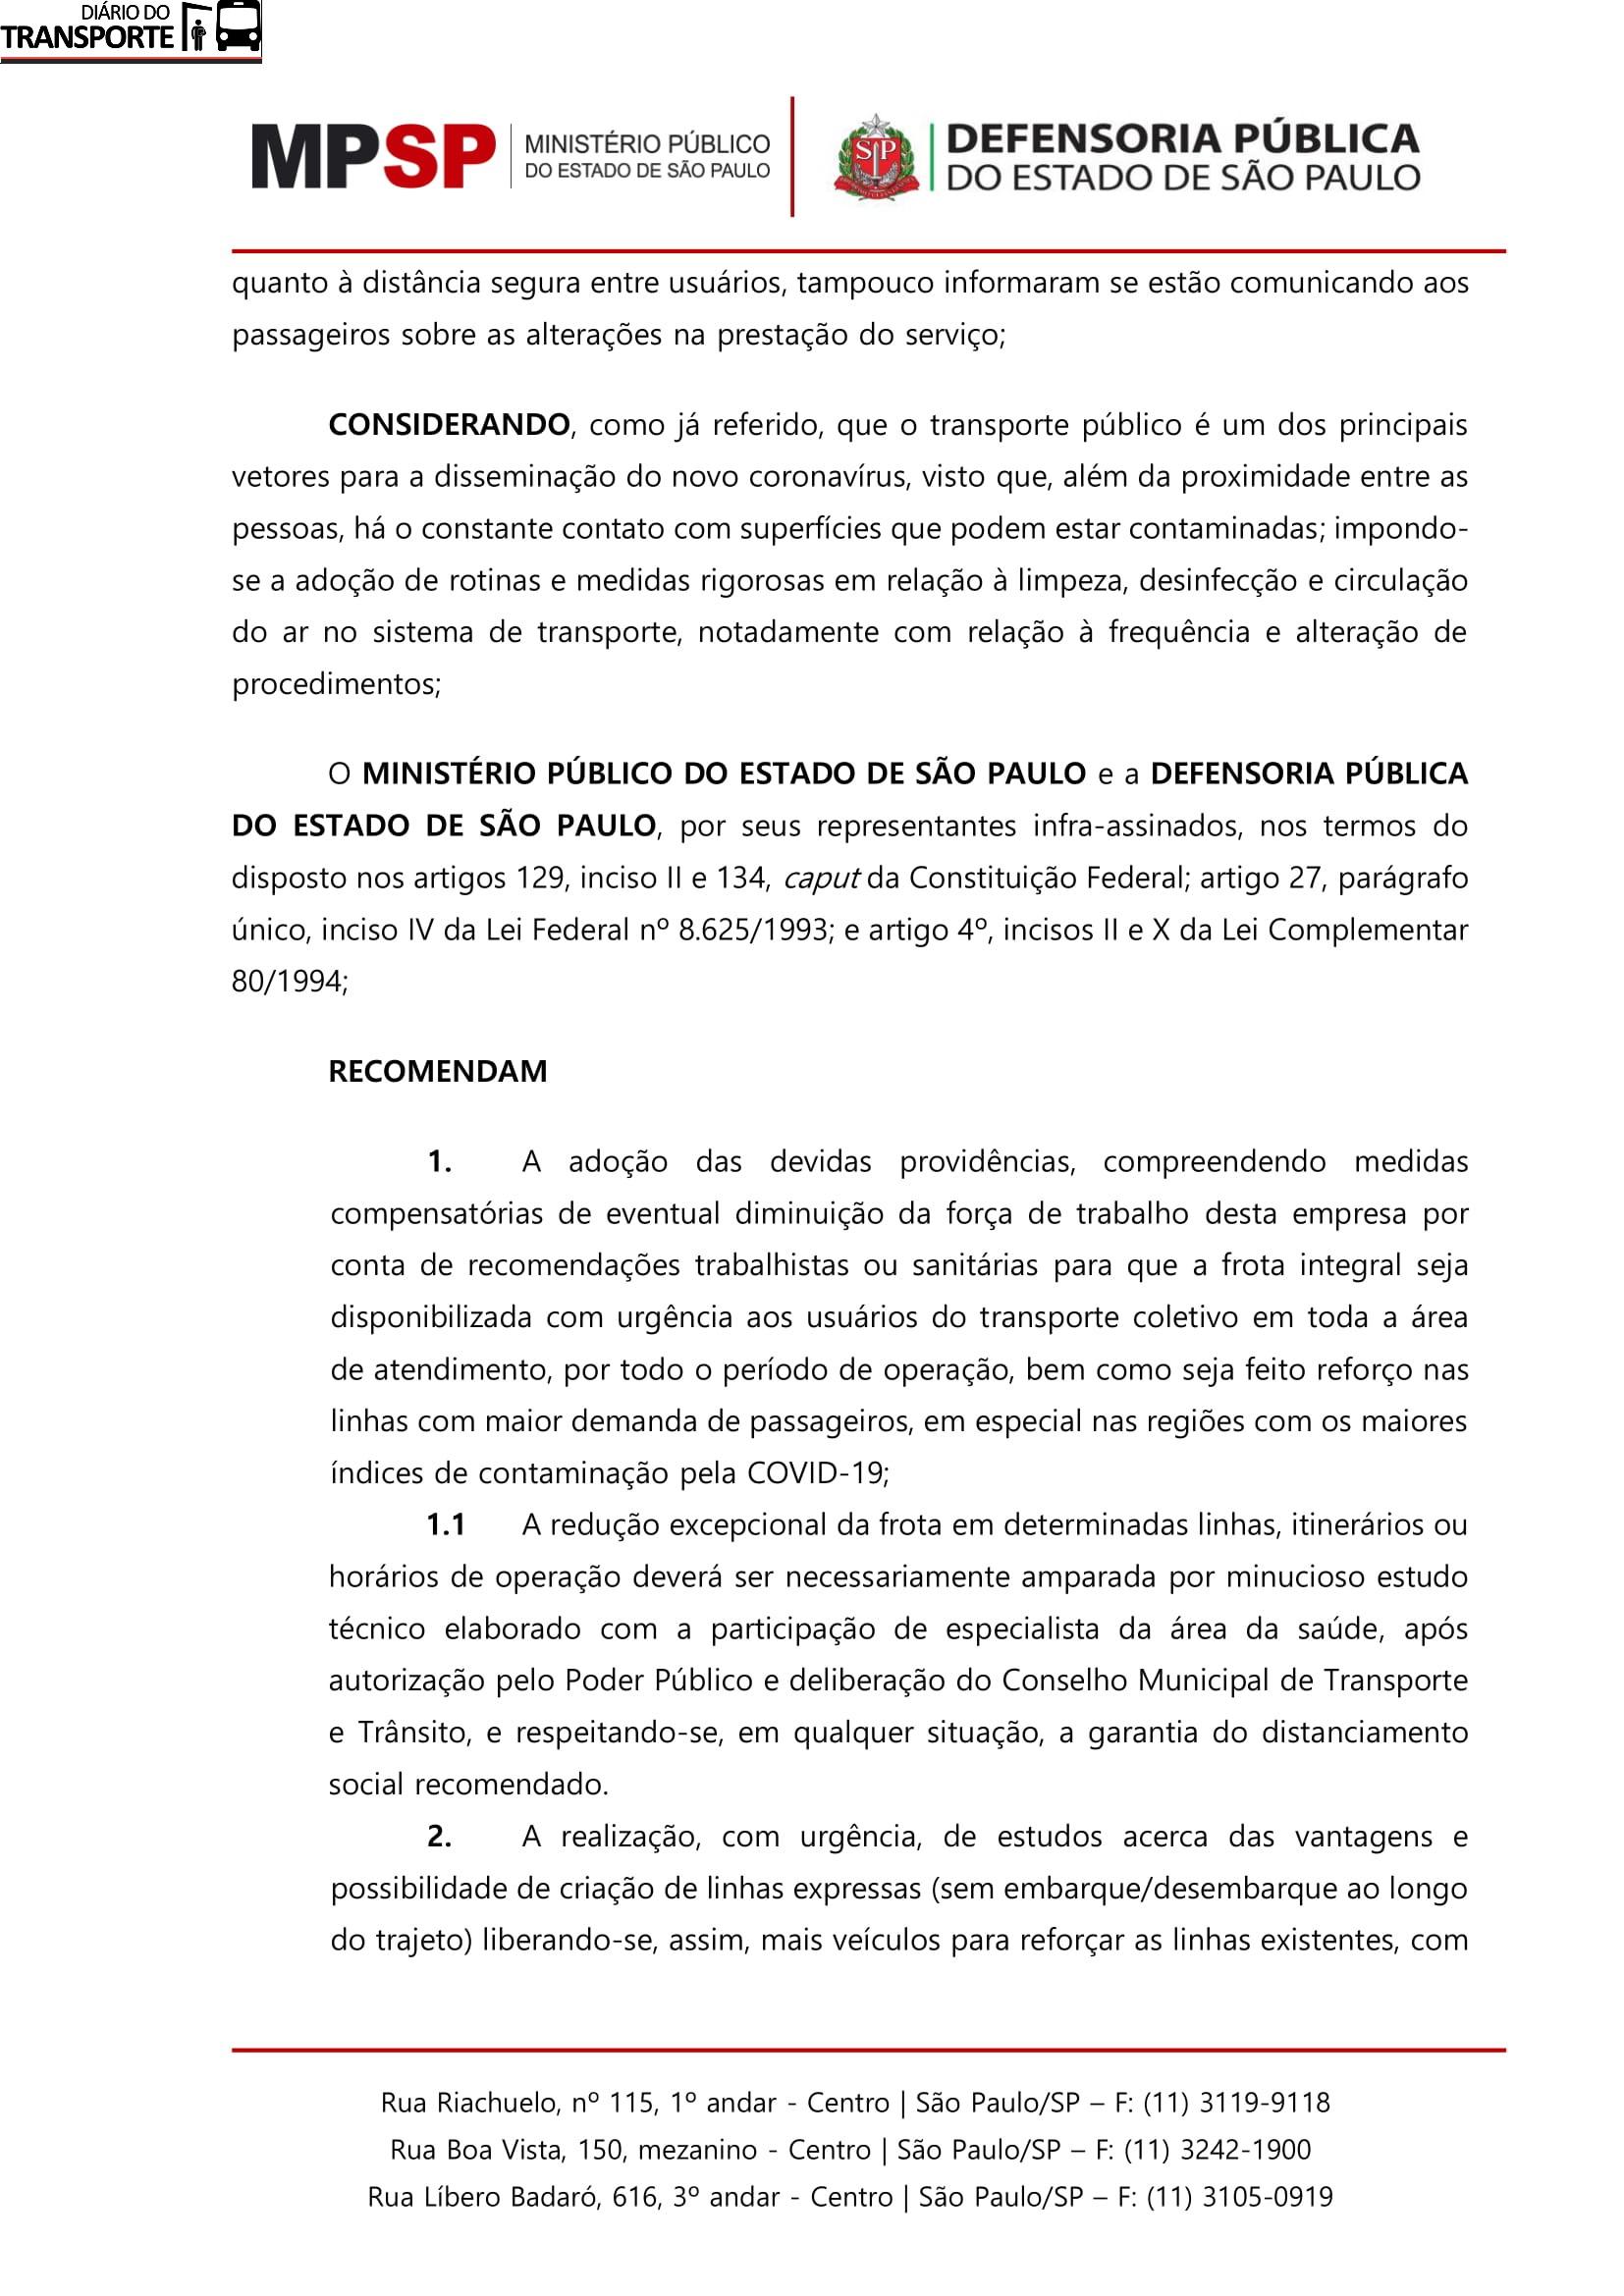 recomendação transporte_CPTM-09